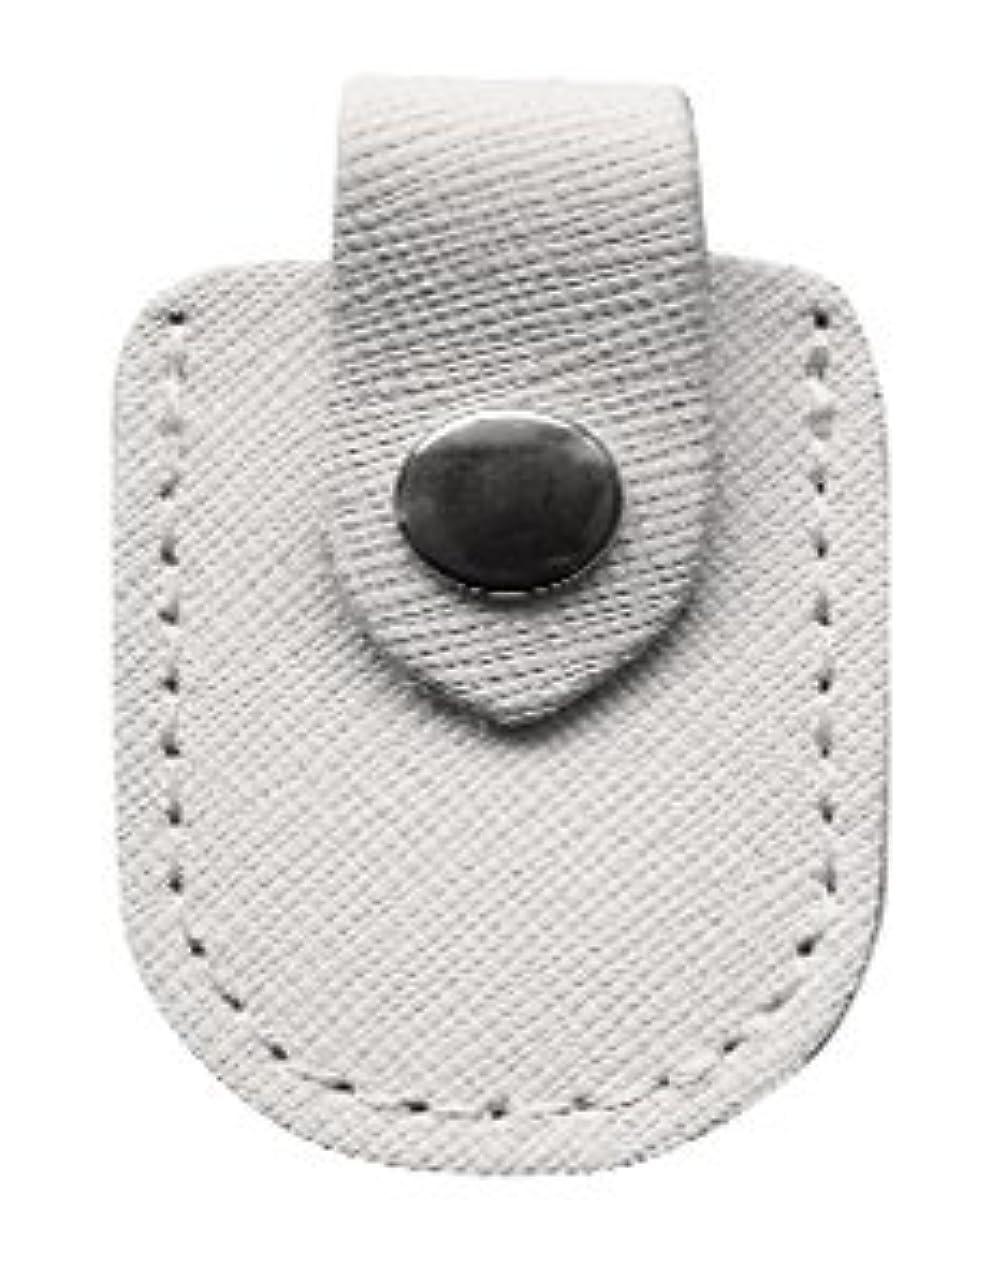 属するアクセサリーパイプラインニッパーキャップ/ニッパーケース/キューティクルニッパーカバー (ホワイト)